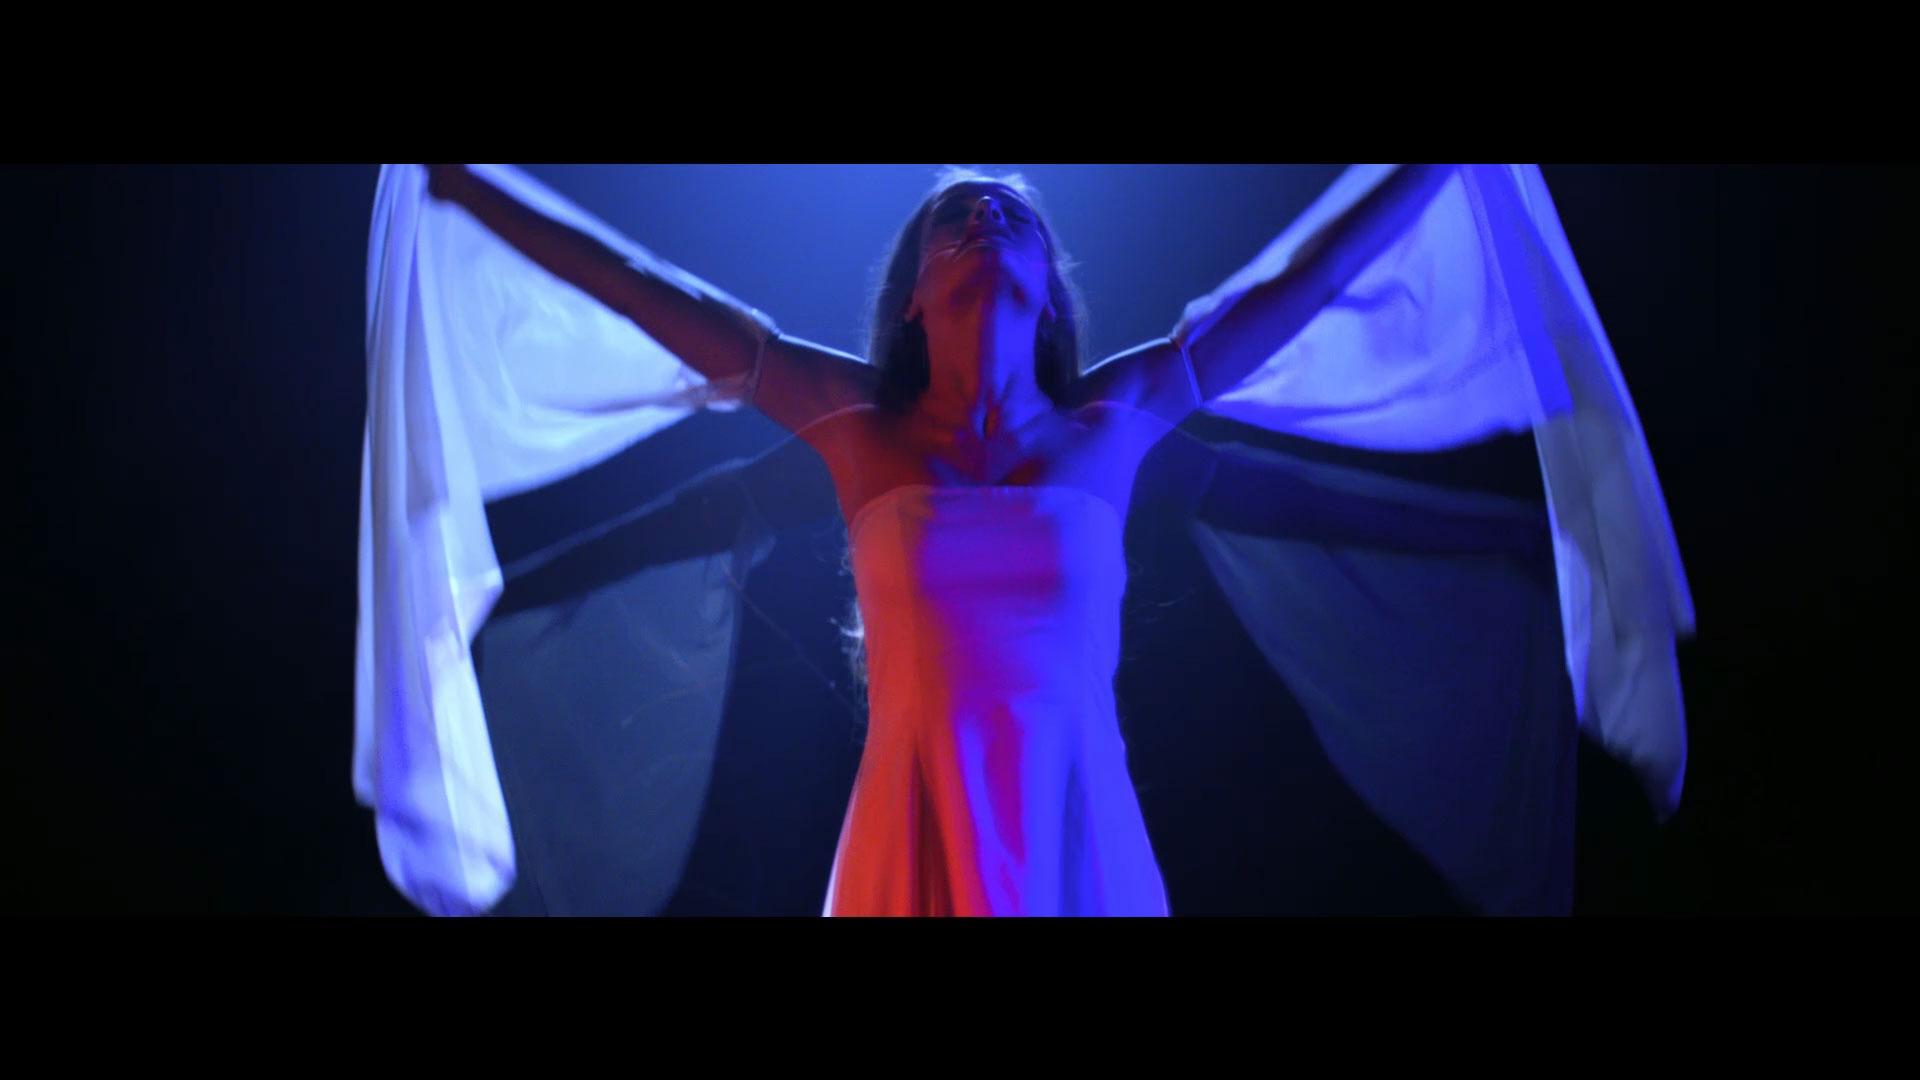 Still-Mystery-music-video-3